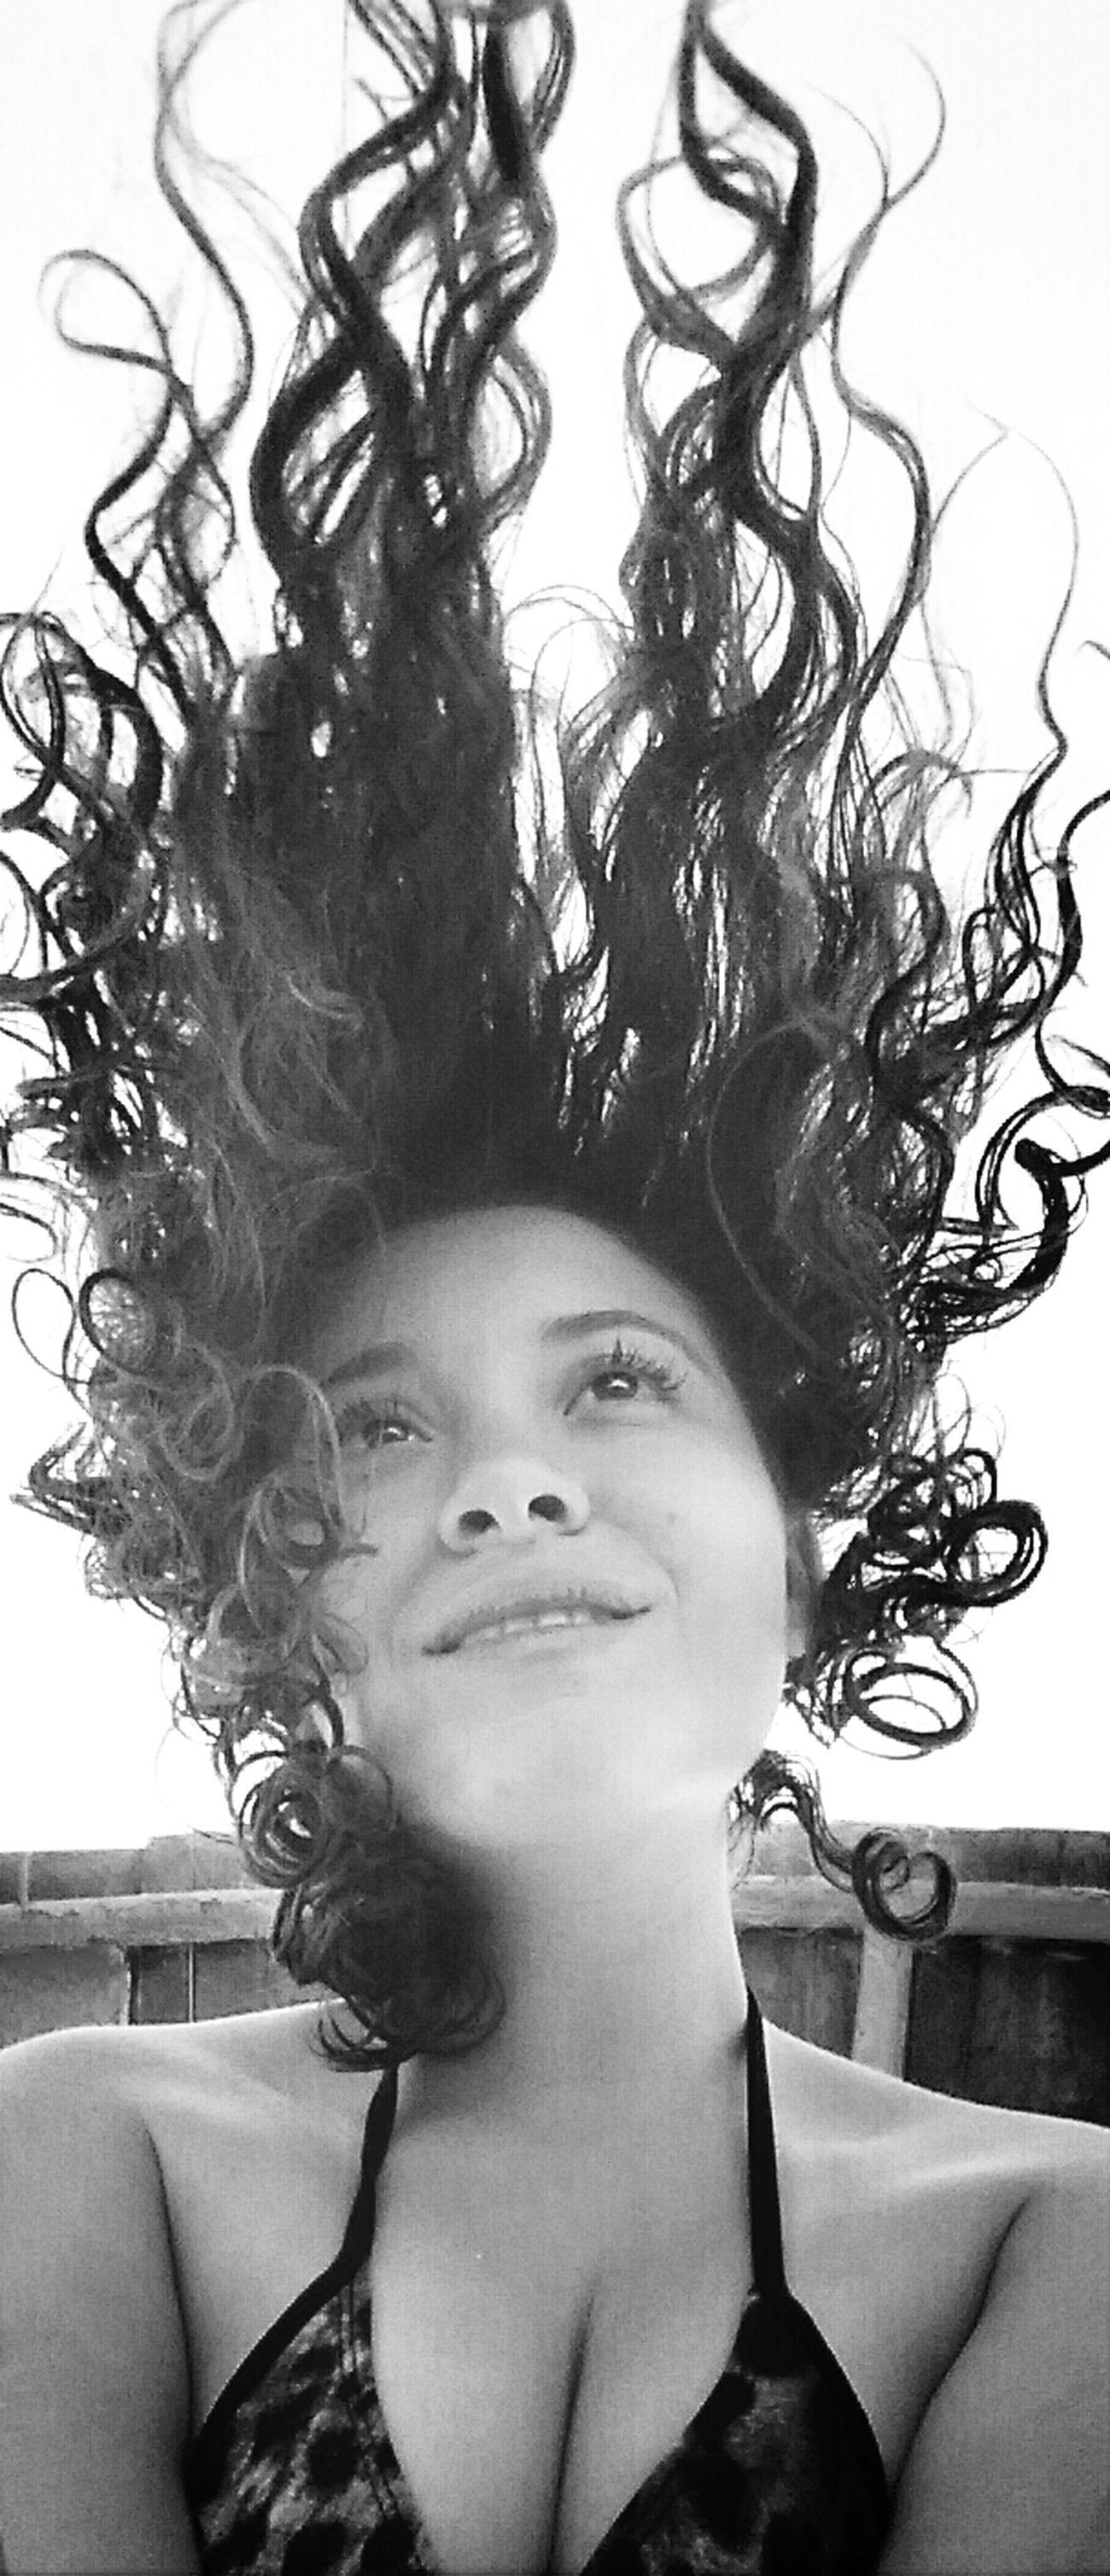 Existem coisas na vida que ñ podemos controlar. Meu cabelo é apenas um lembrete... ? What Does Freedom Mean To You? Enjoying The Sun Relaxing Time My City